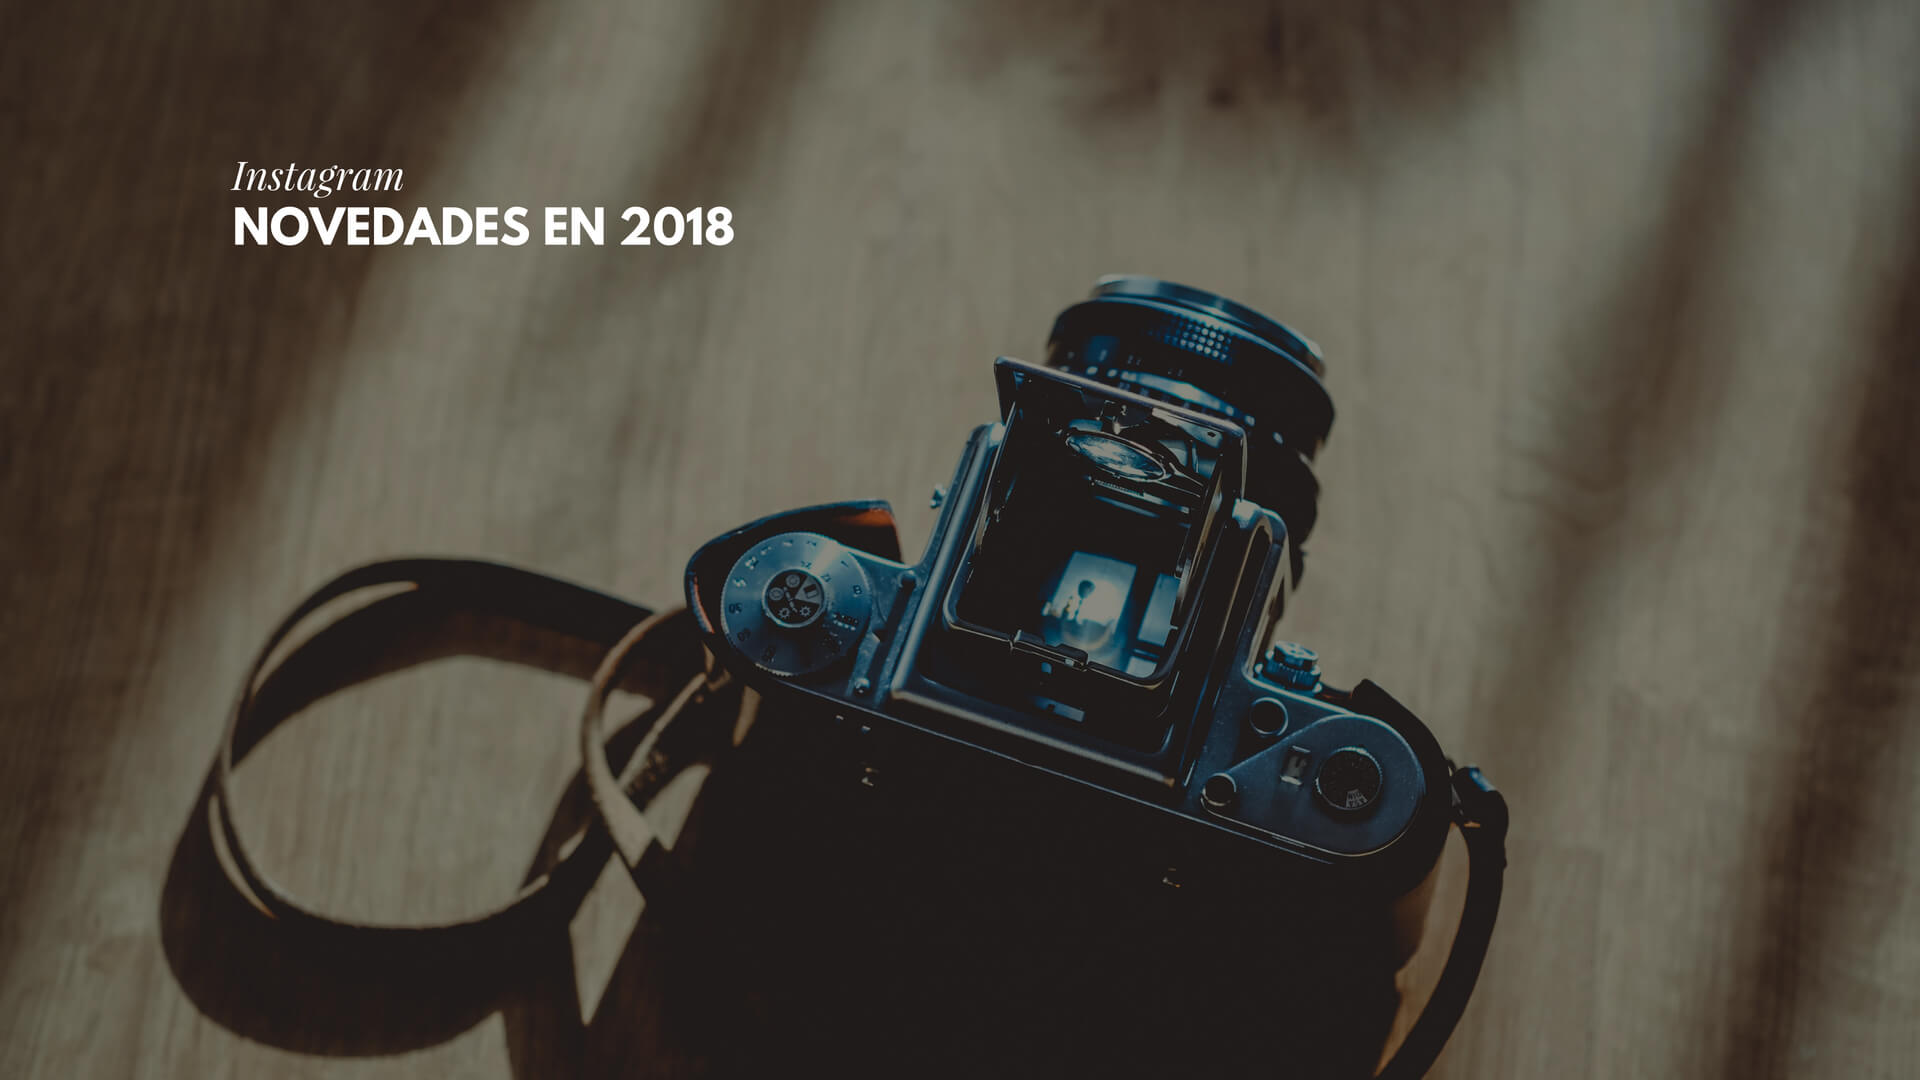 Novedades en Instagram 2018 : resumen de todas las novedades en 2018